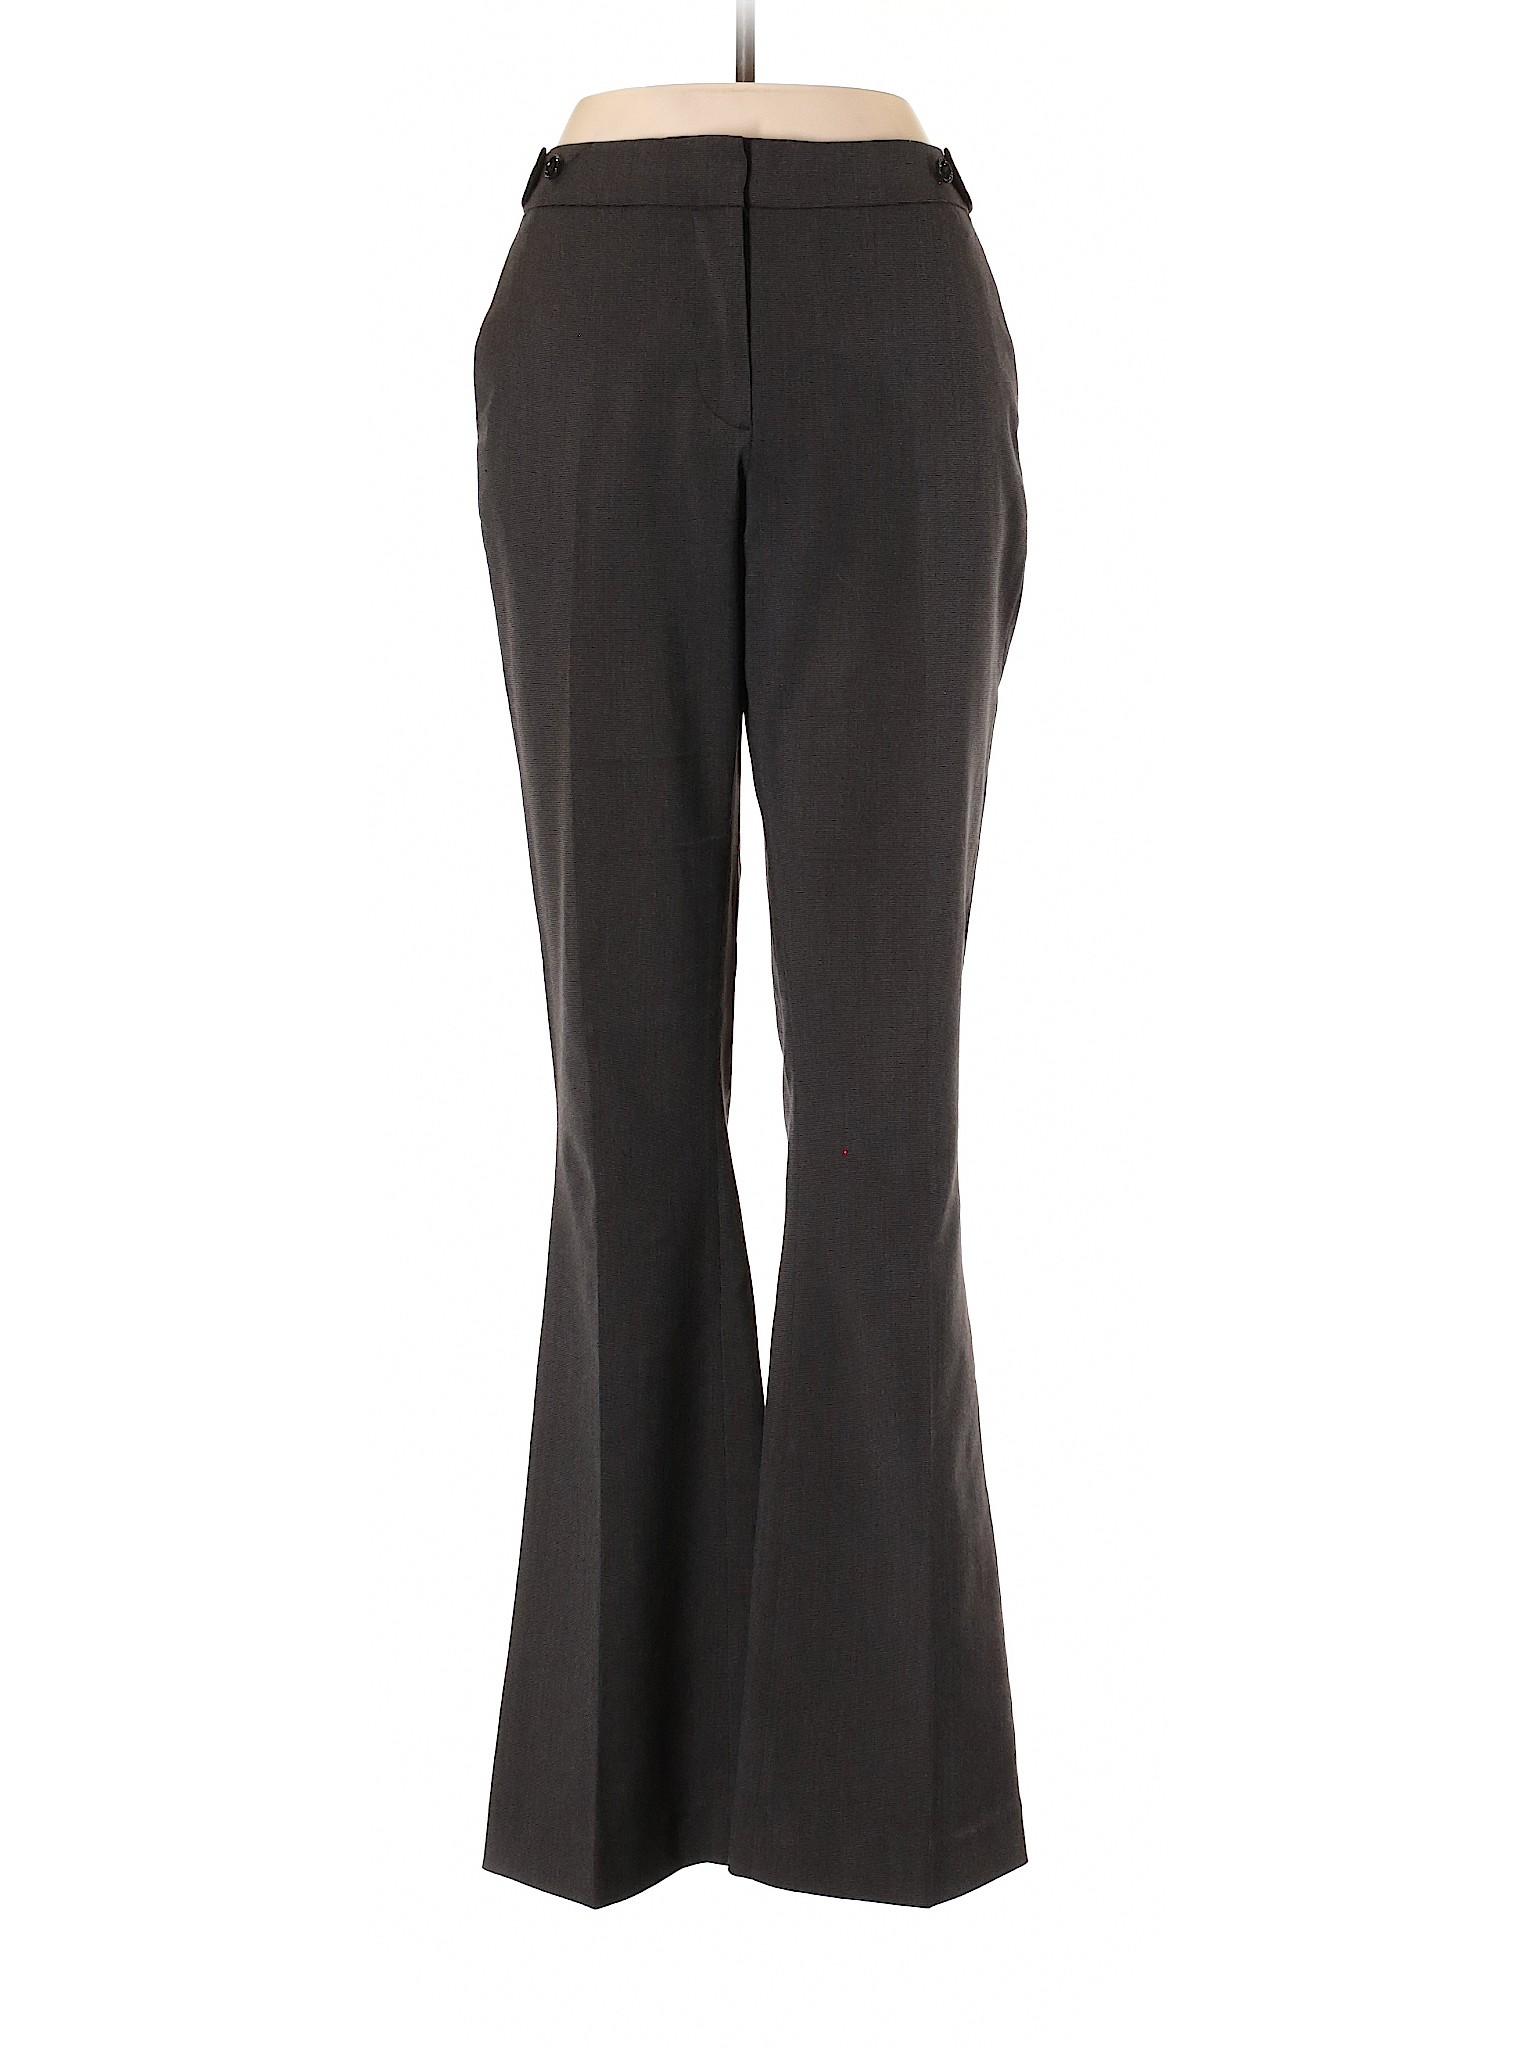 amp;M H Boutique Dress winter Pants qgKyPyzSc